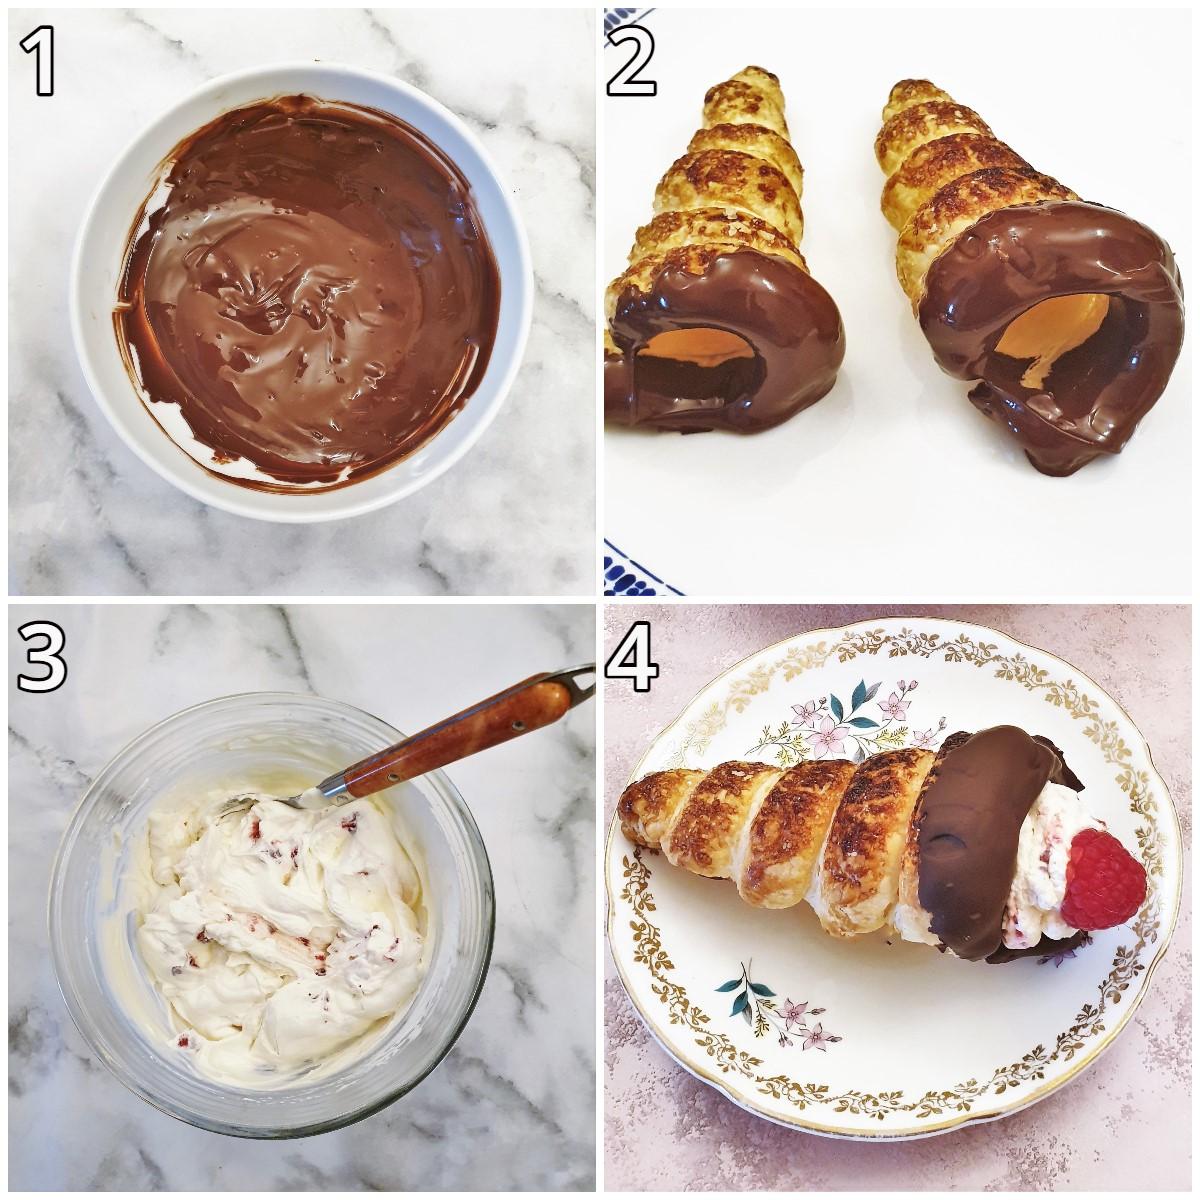 Steps for assembling the cream horns.